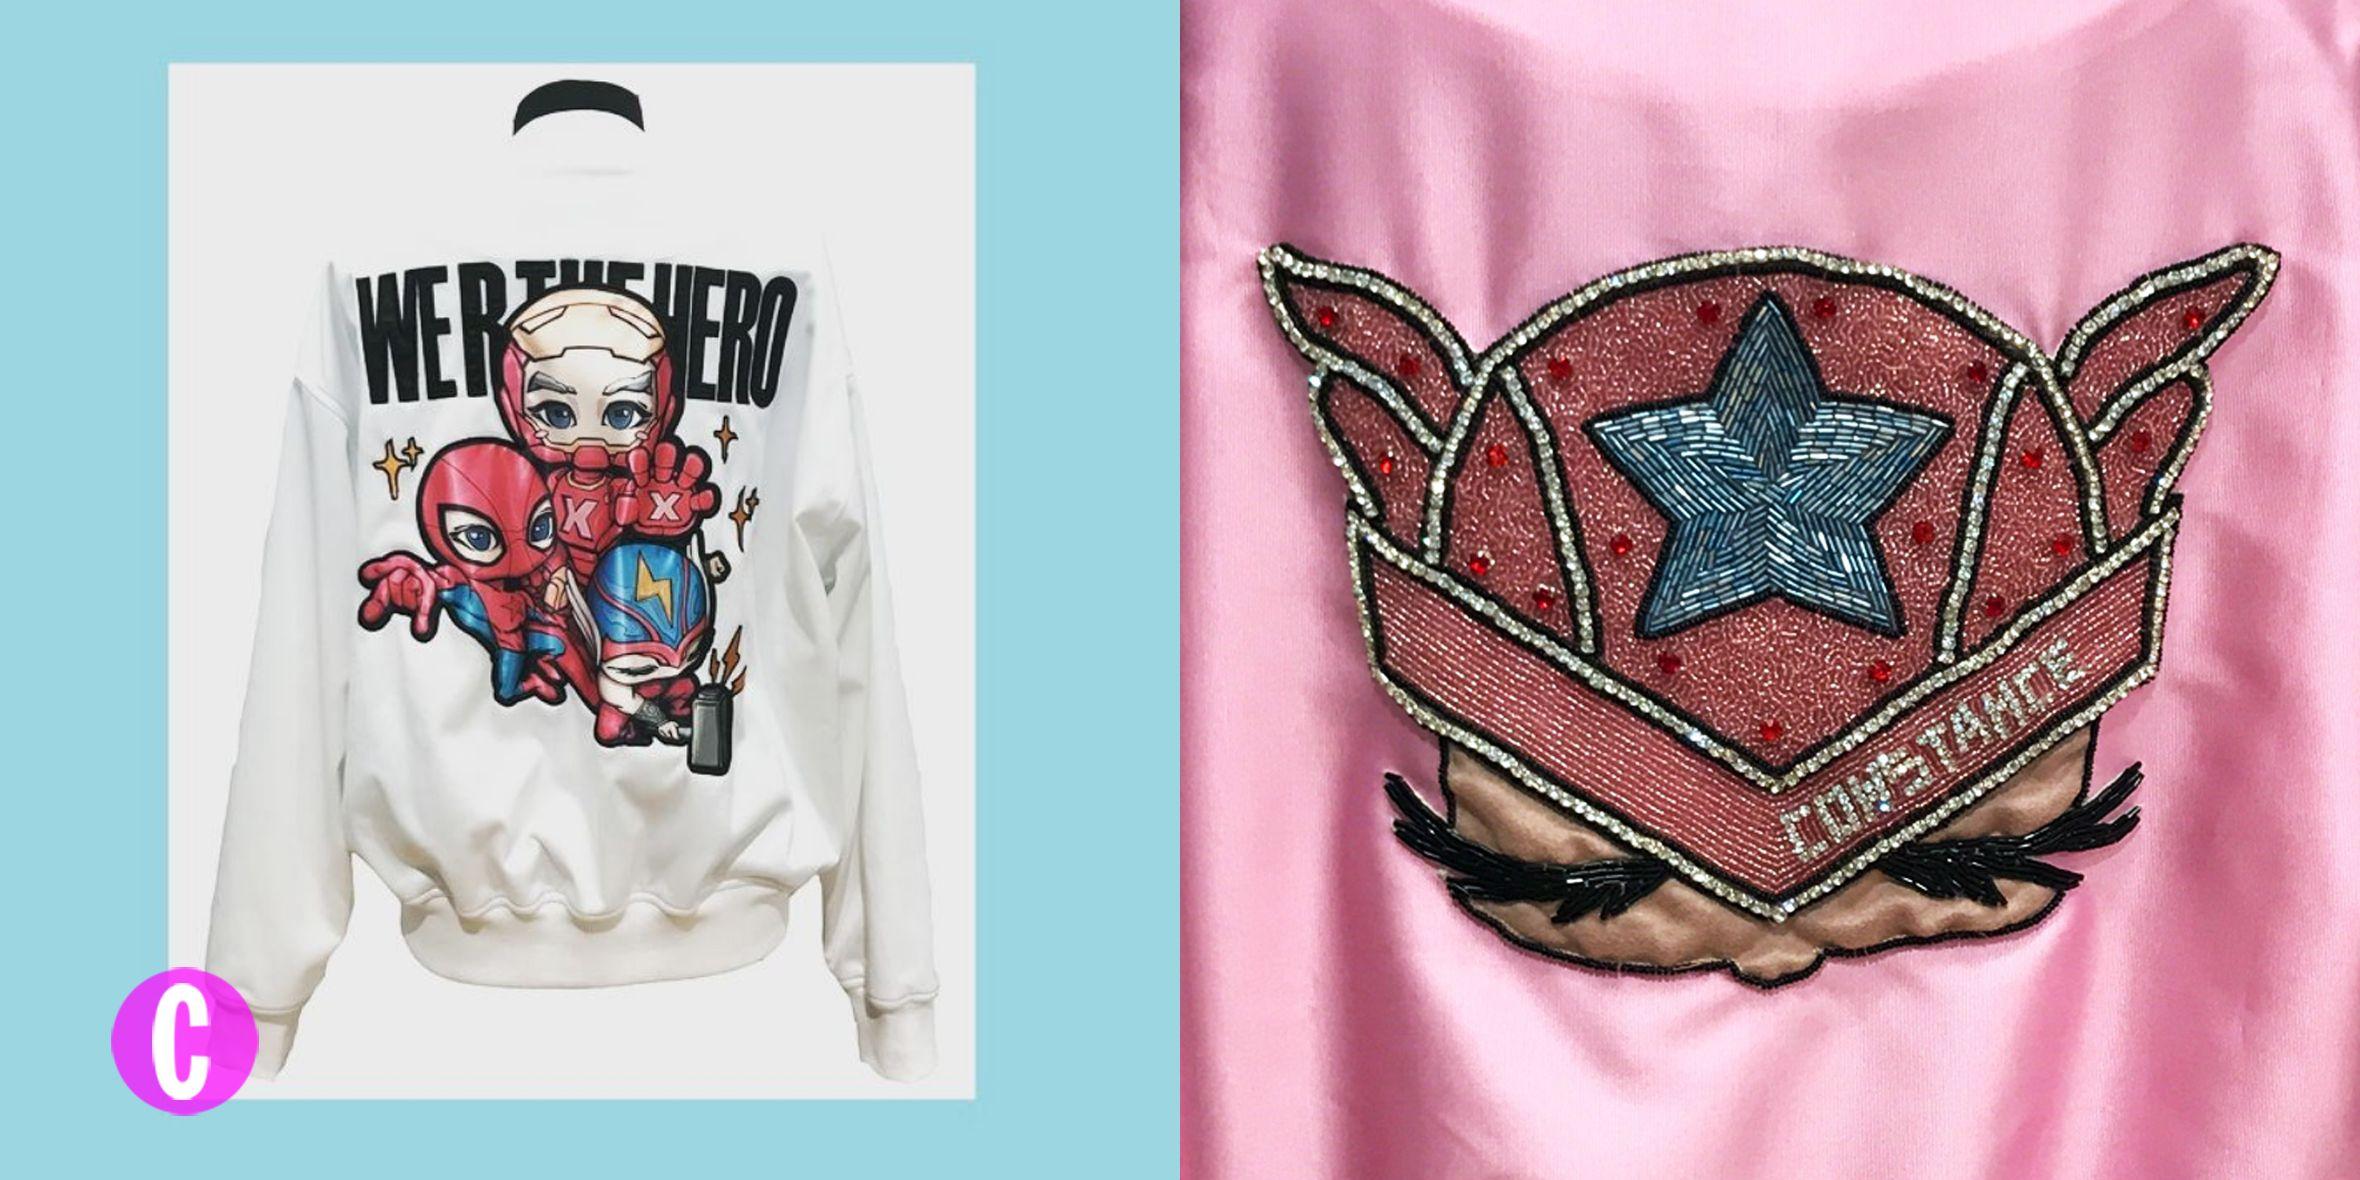 I nuovi bomber e le giacche di jeans di Wendy Zhou, giovane designer cinese trapiantata a Milano, sono la tua prossima ossessione, il pezzo perfetto per completare i look primavera estate 2018.